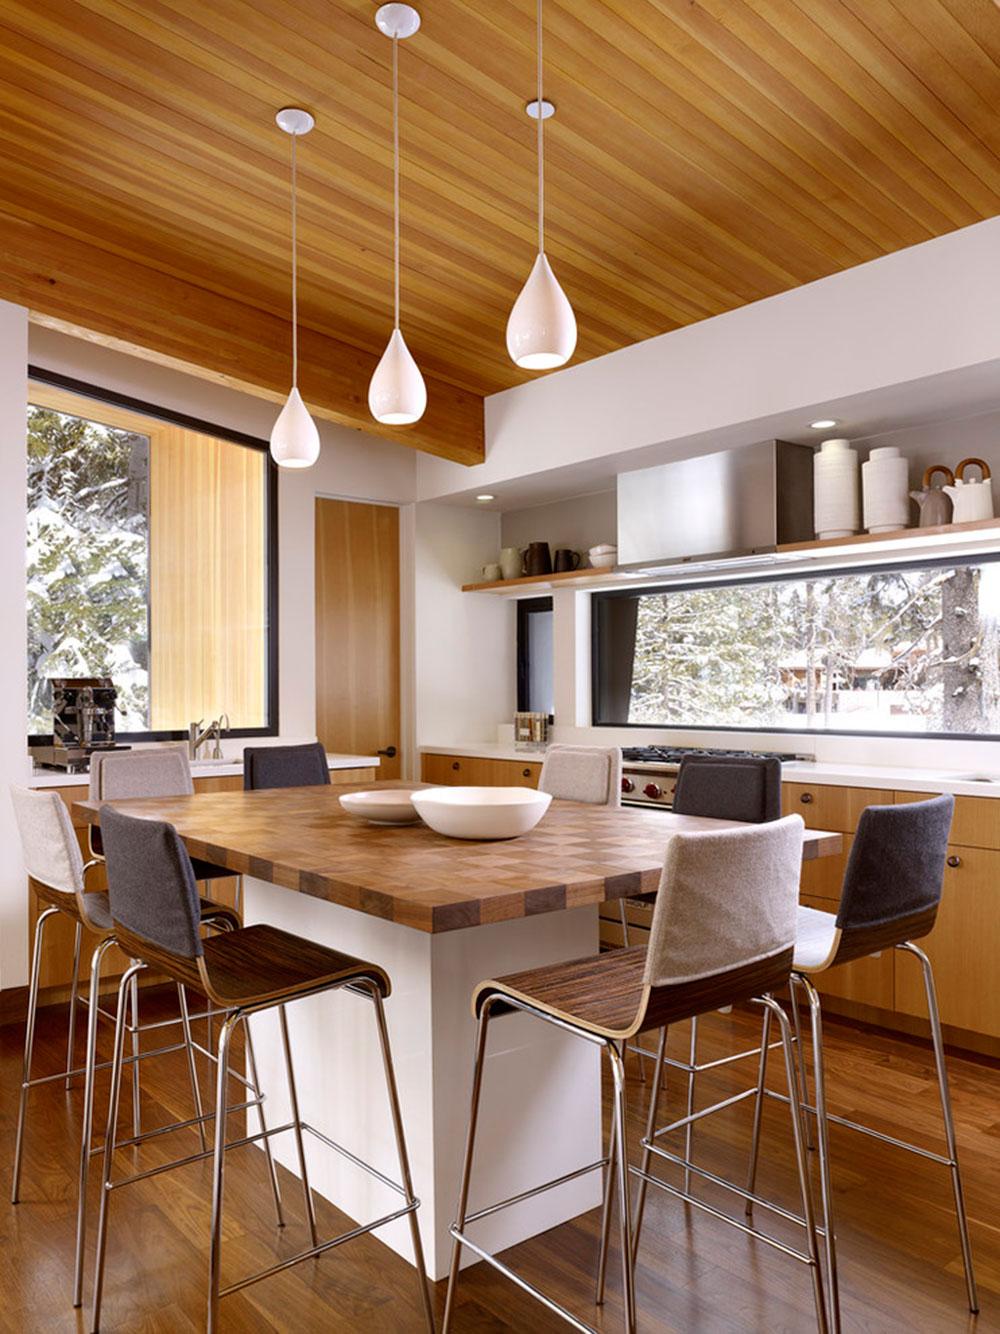 Sittplatser för köksbänkar som samlar hela familjen 17 köksbordsstolar som samlar hela familjen